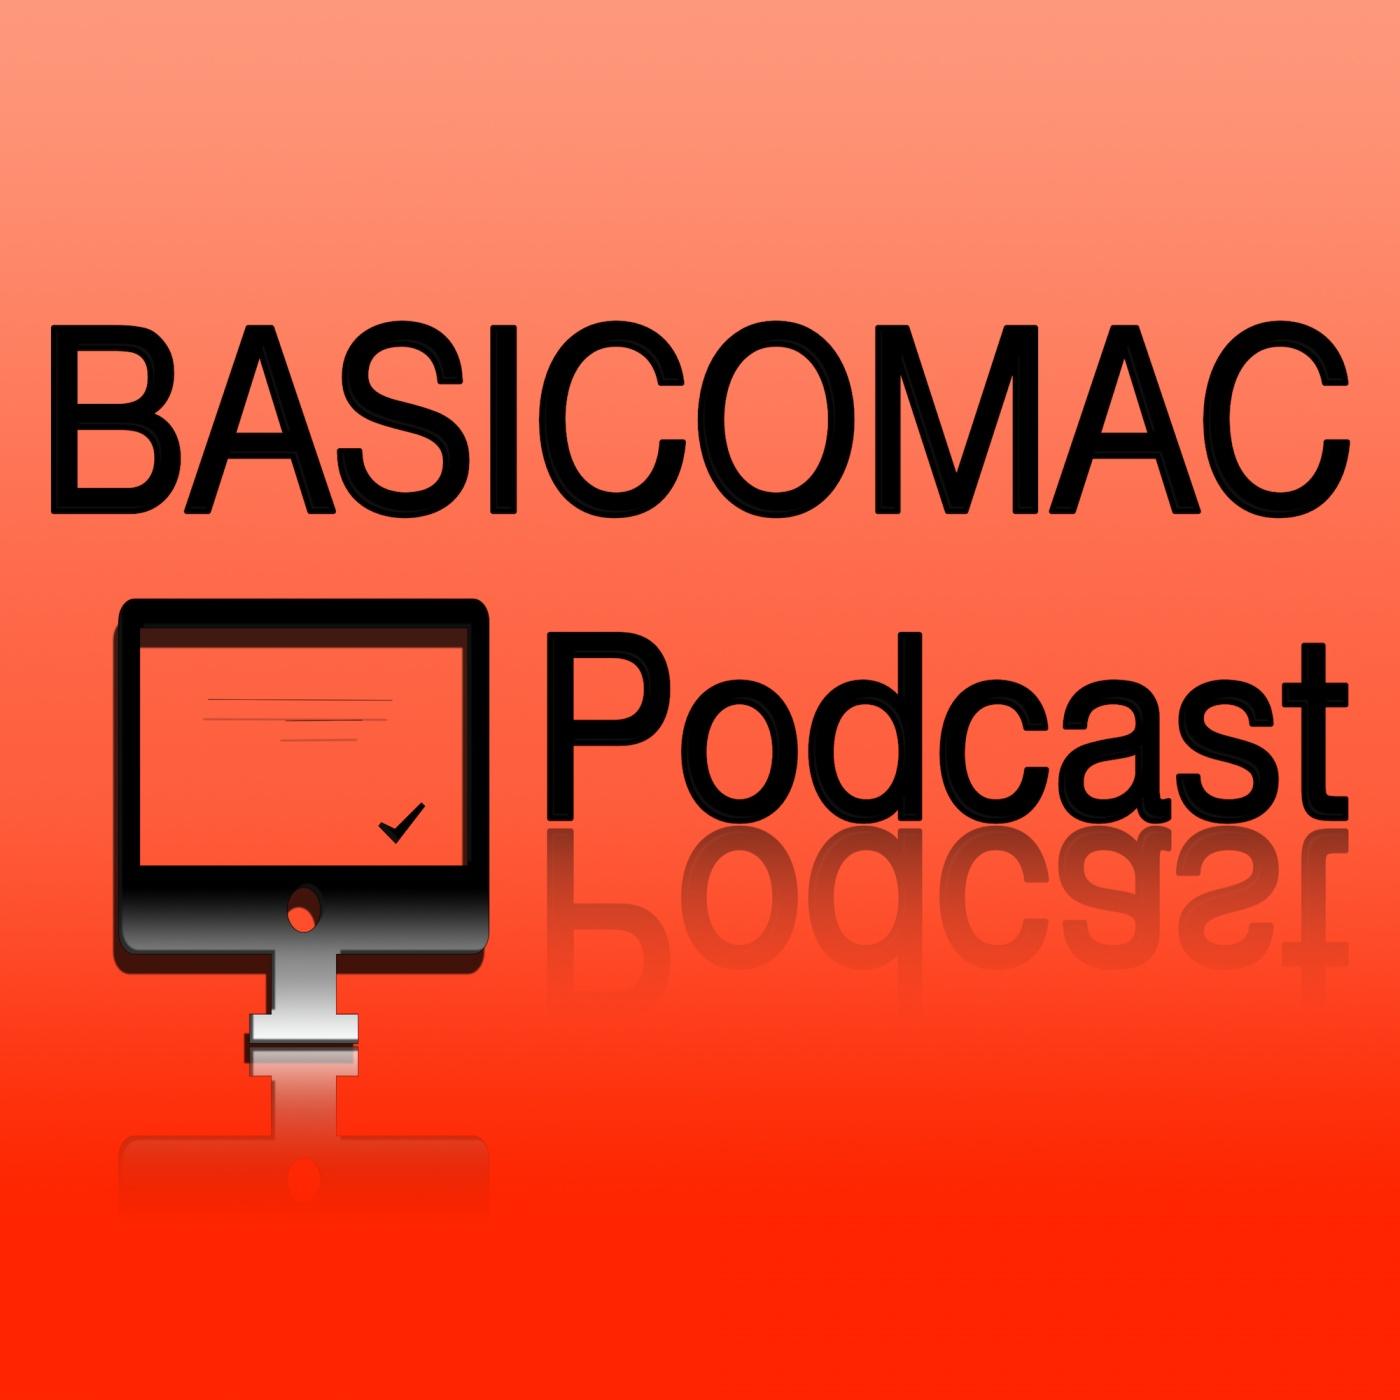 Basicomac